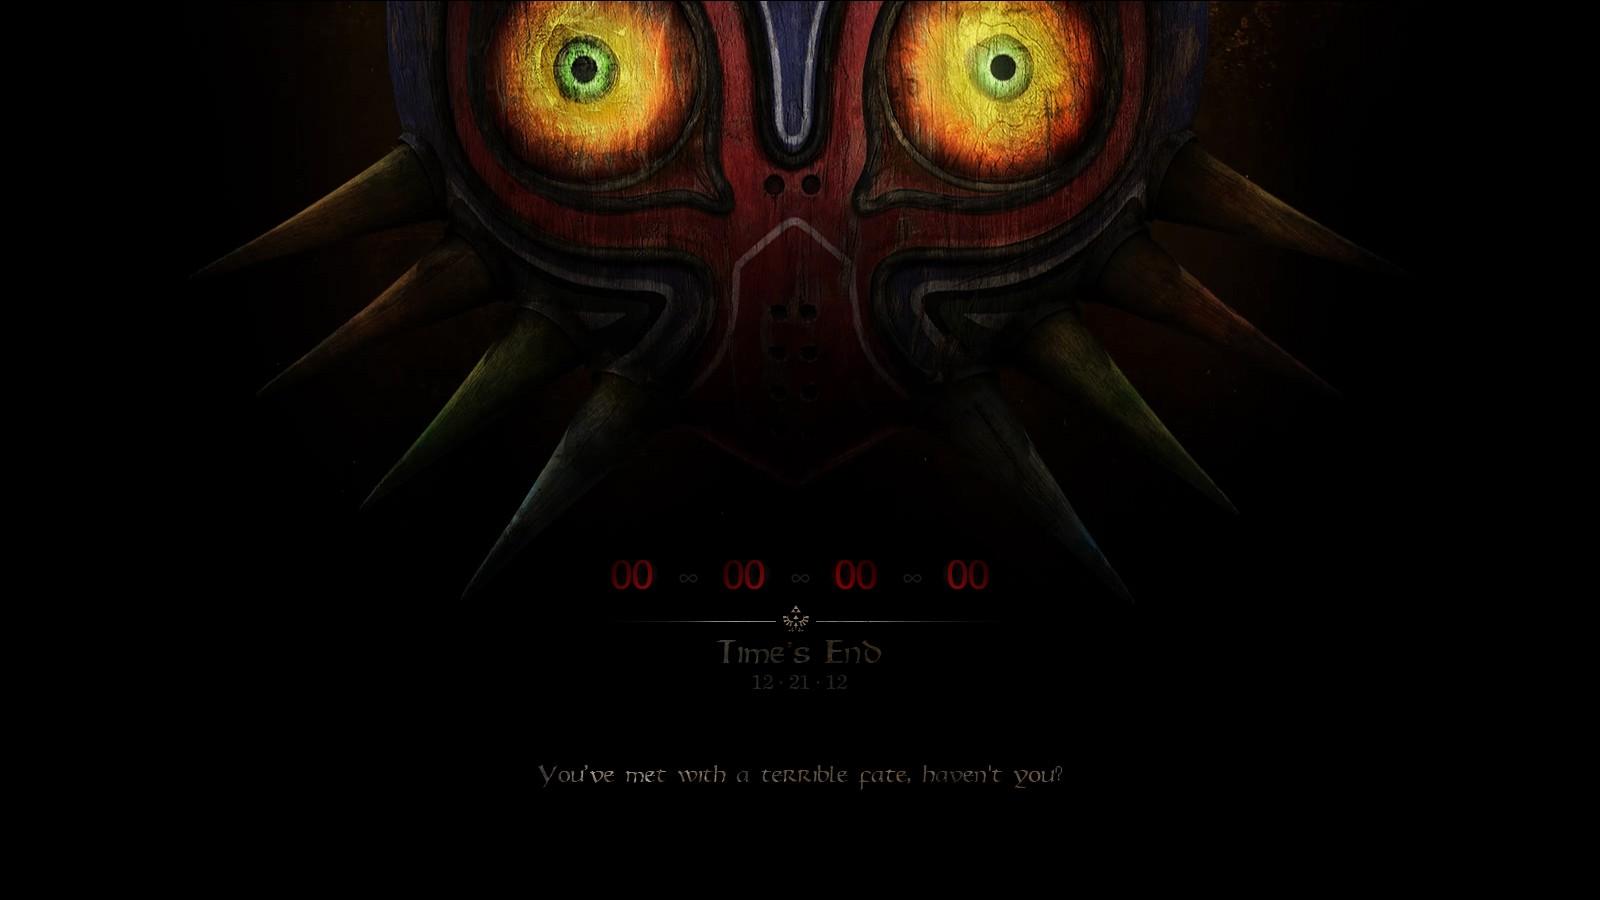 Masks End Skull Kid The Legend Of Zelda Majoras Mask Time